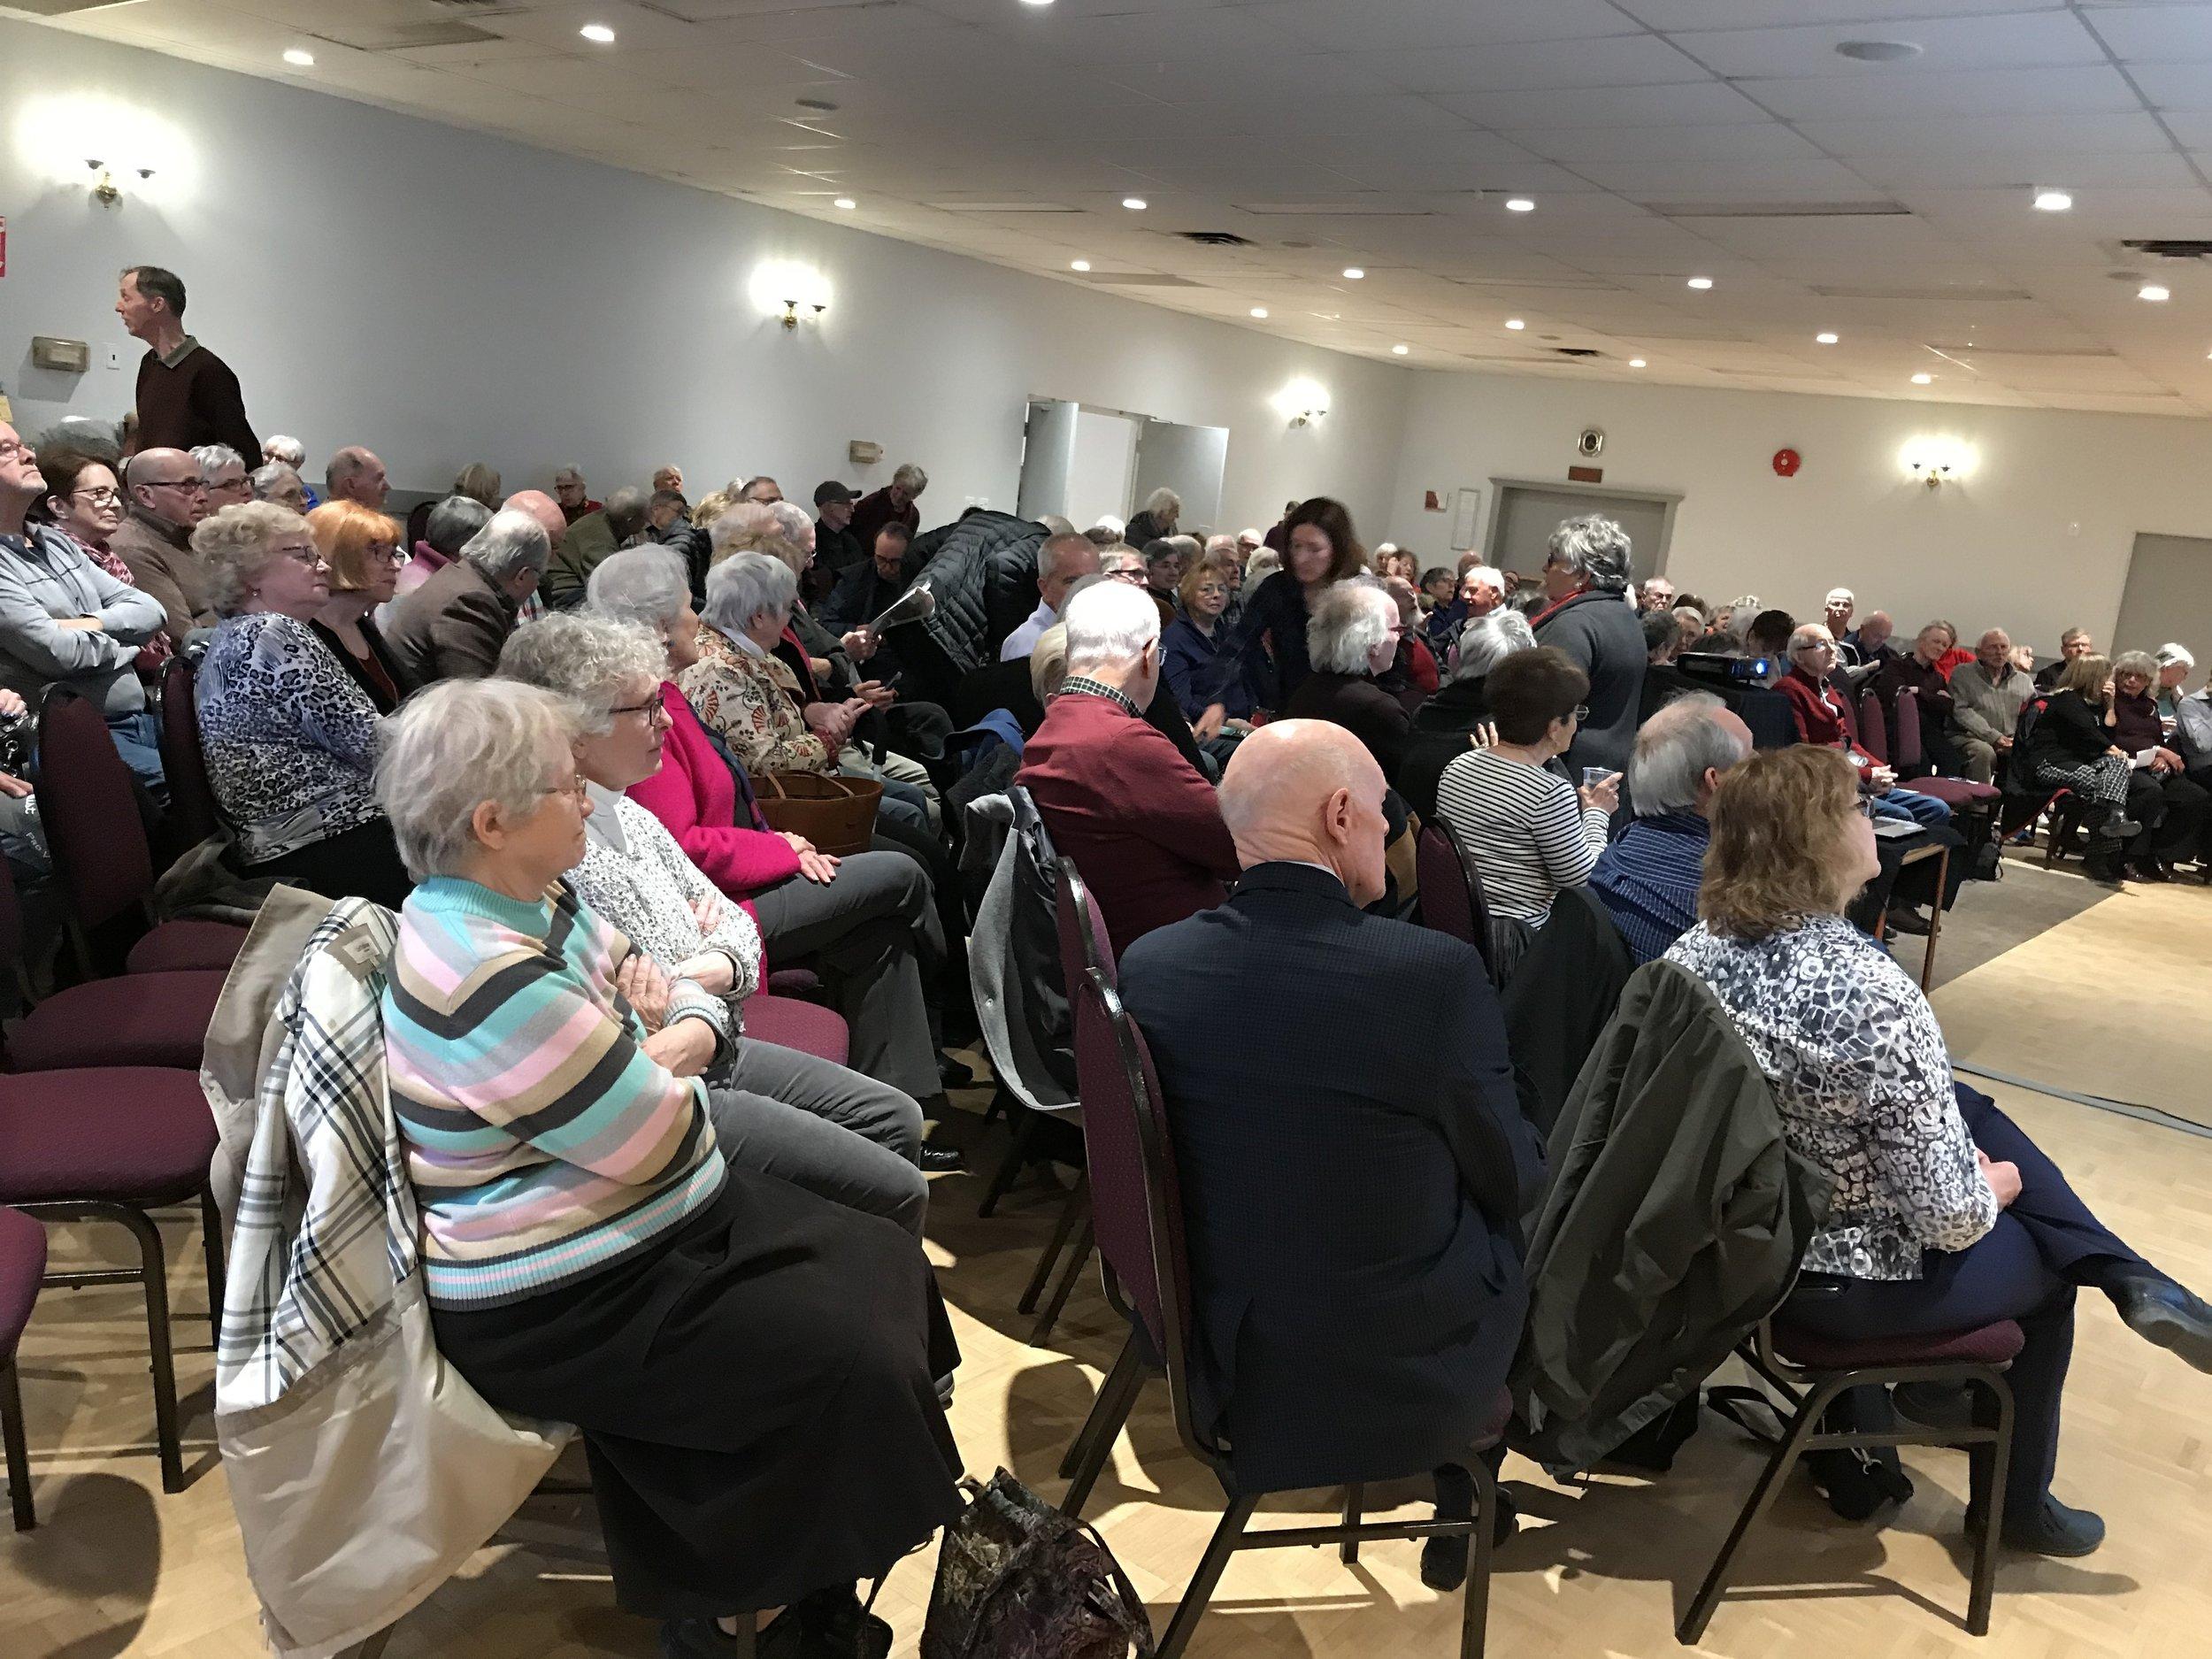 Full house in Cobourg